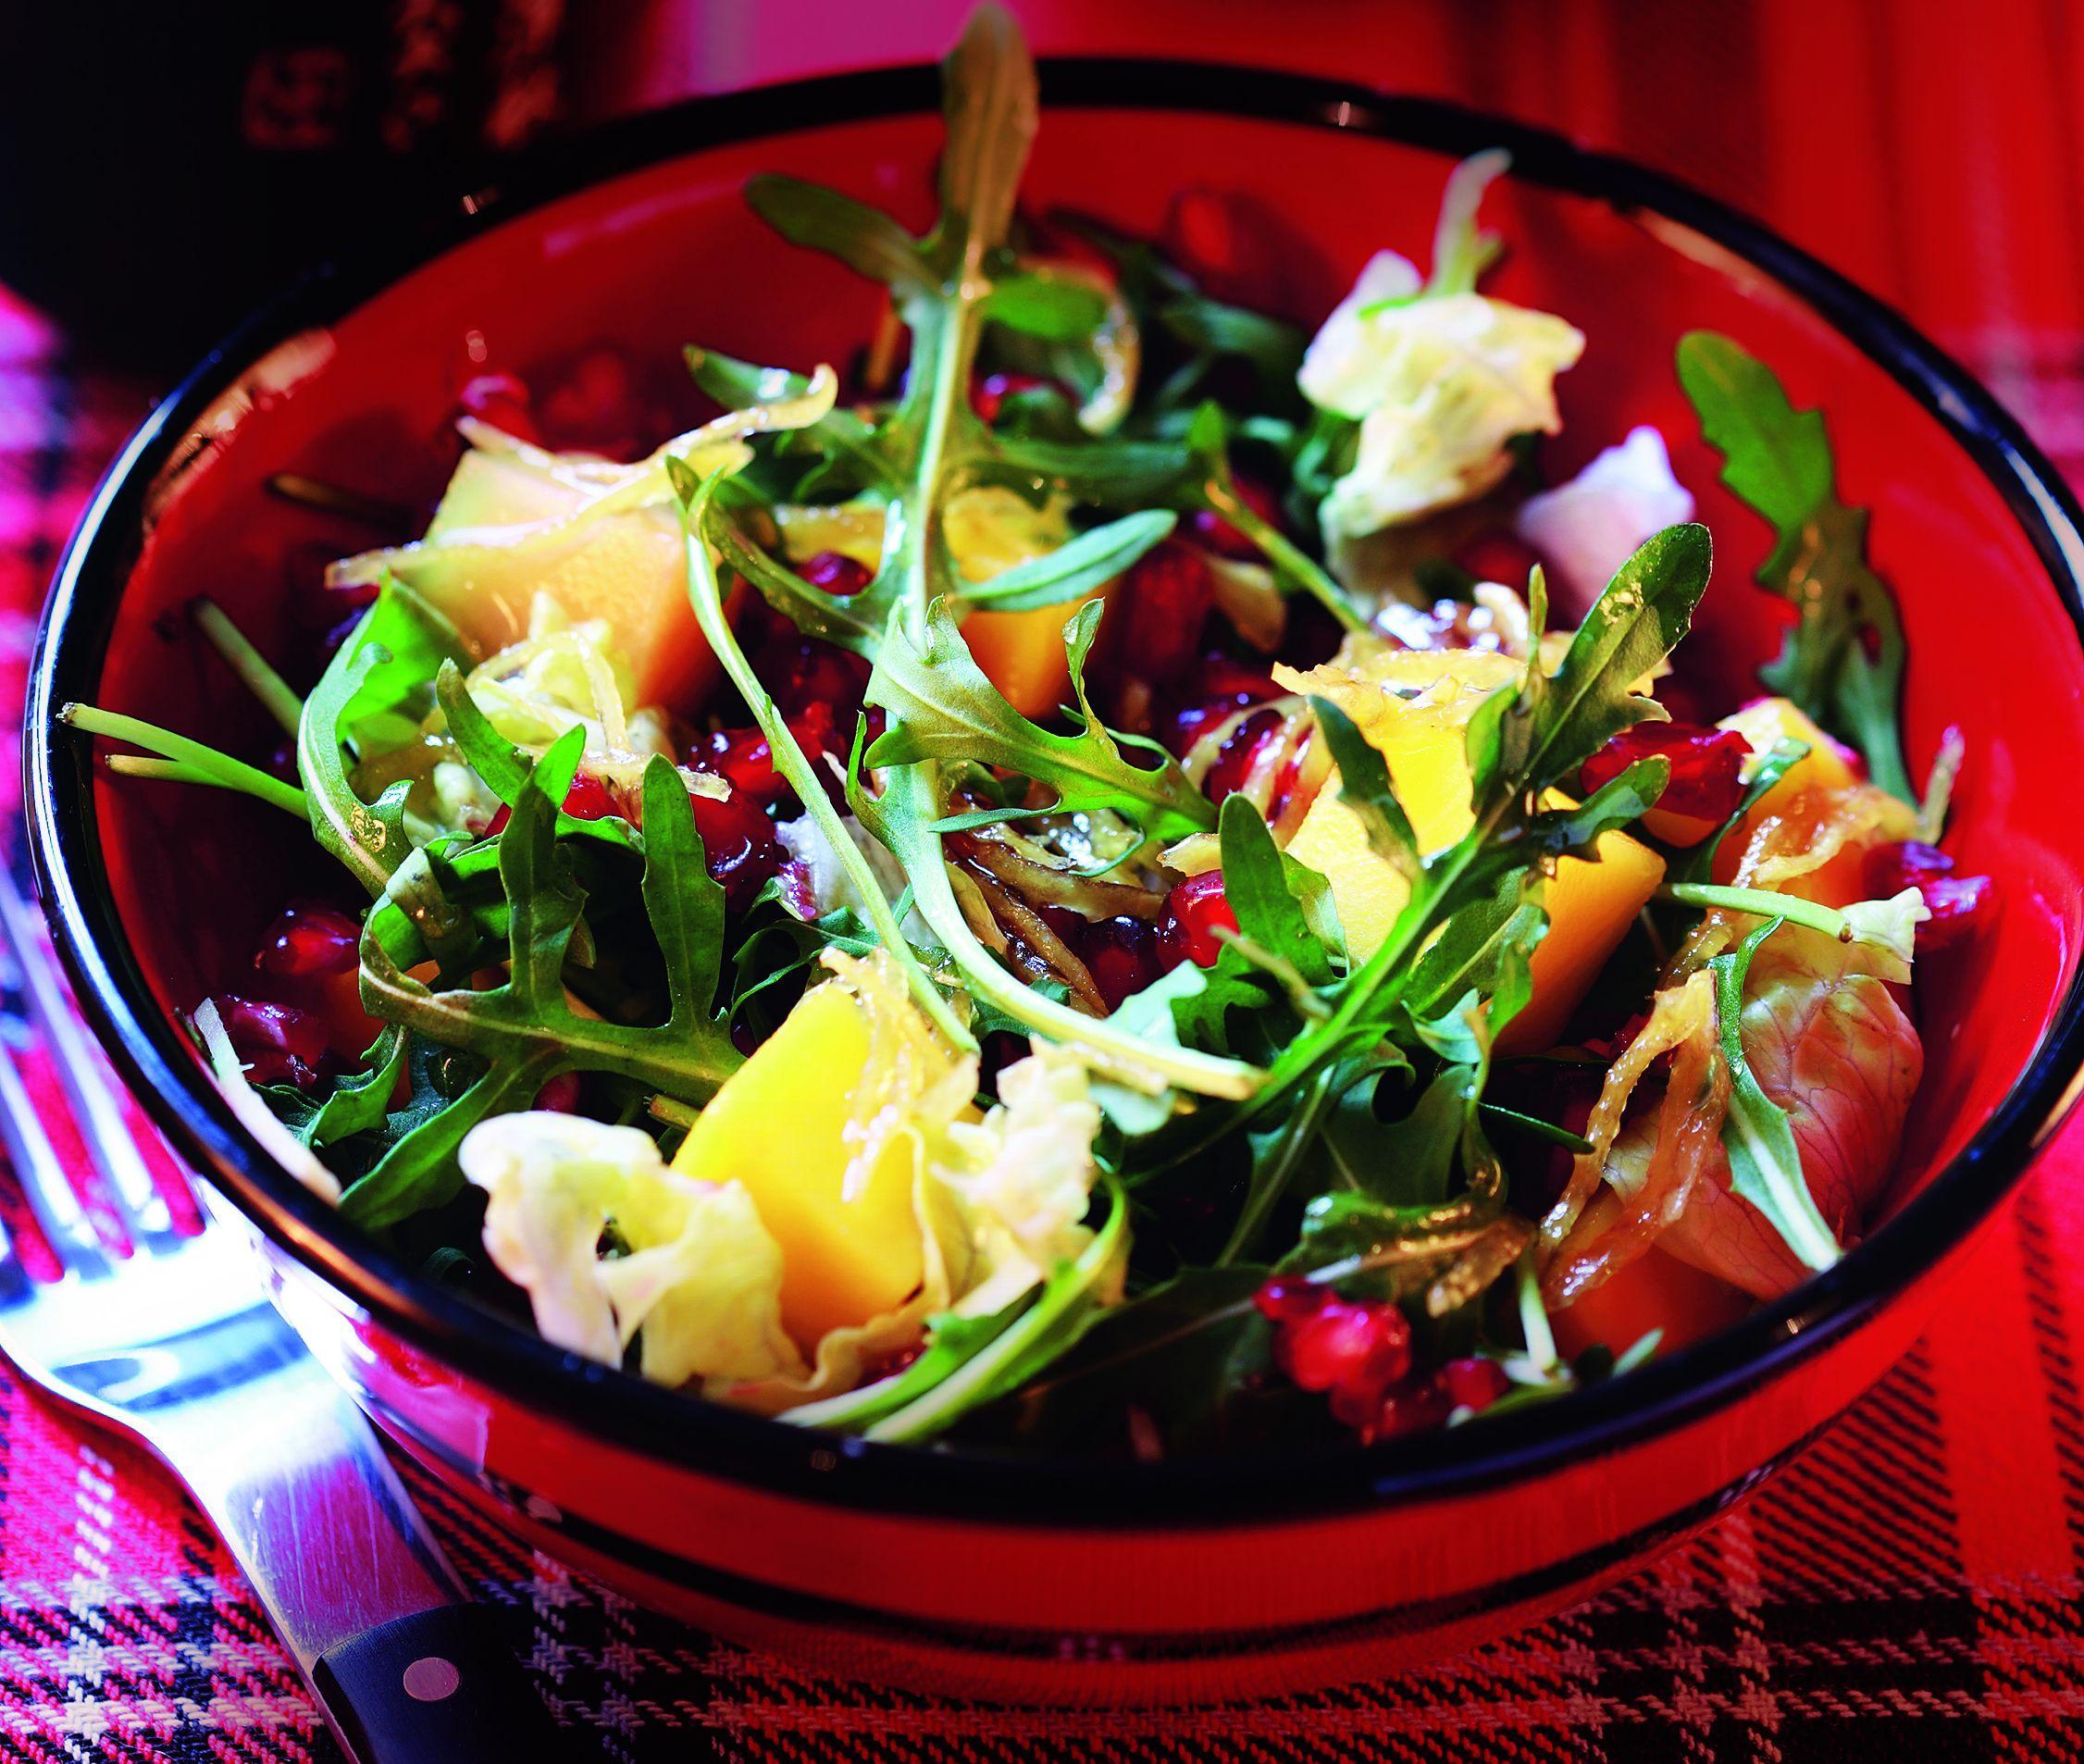 Sałata z owocami w jaśminowo-herbacianym sosie